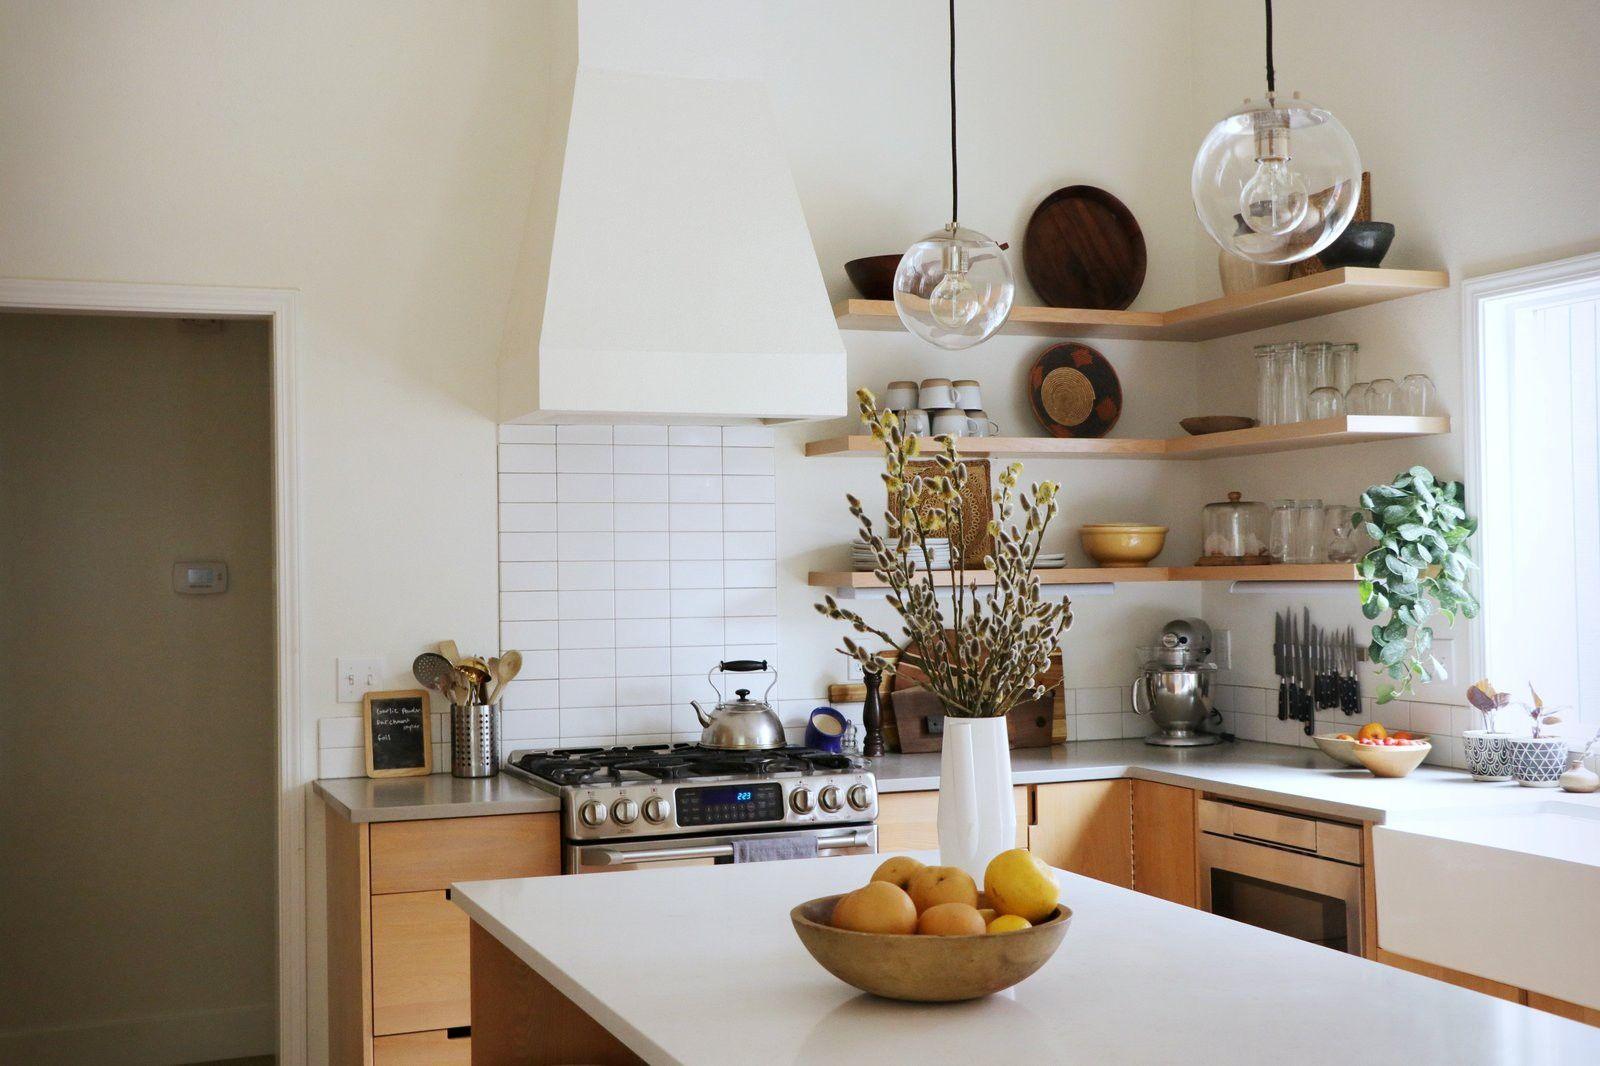 Cách trang trí tường phòng bếp khi bị mốc